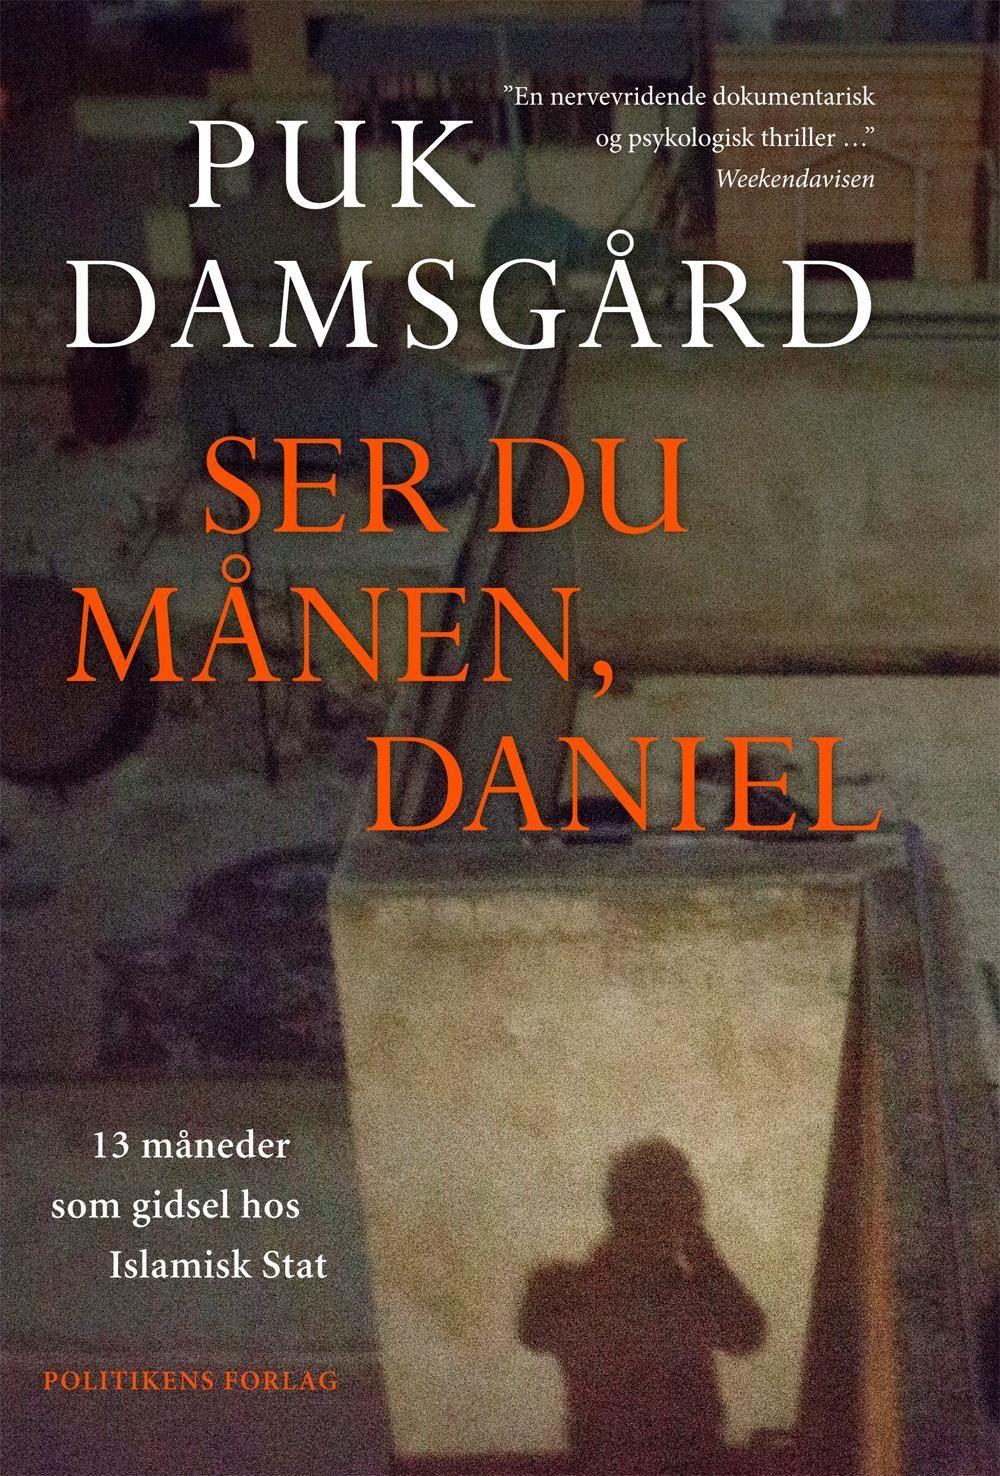 Den Dramatiske Historie Om Den Danske Fo Boger Laesning Nye Biler